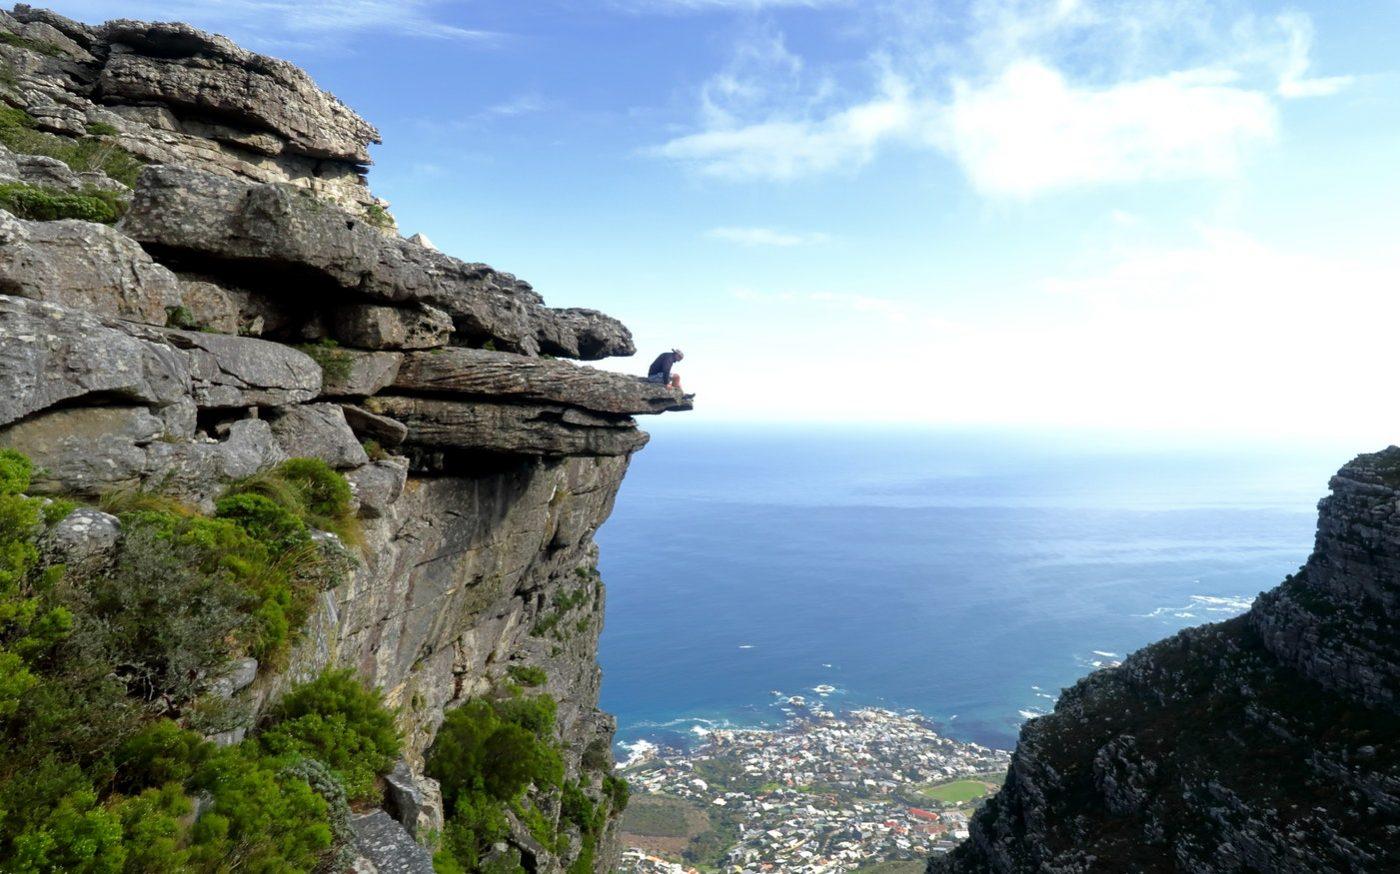 paesaggi di montagna - sudafrica